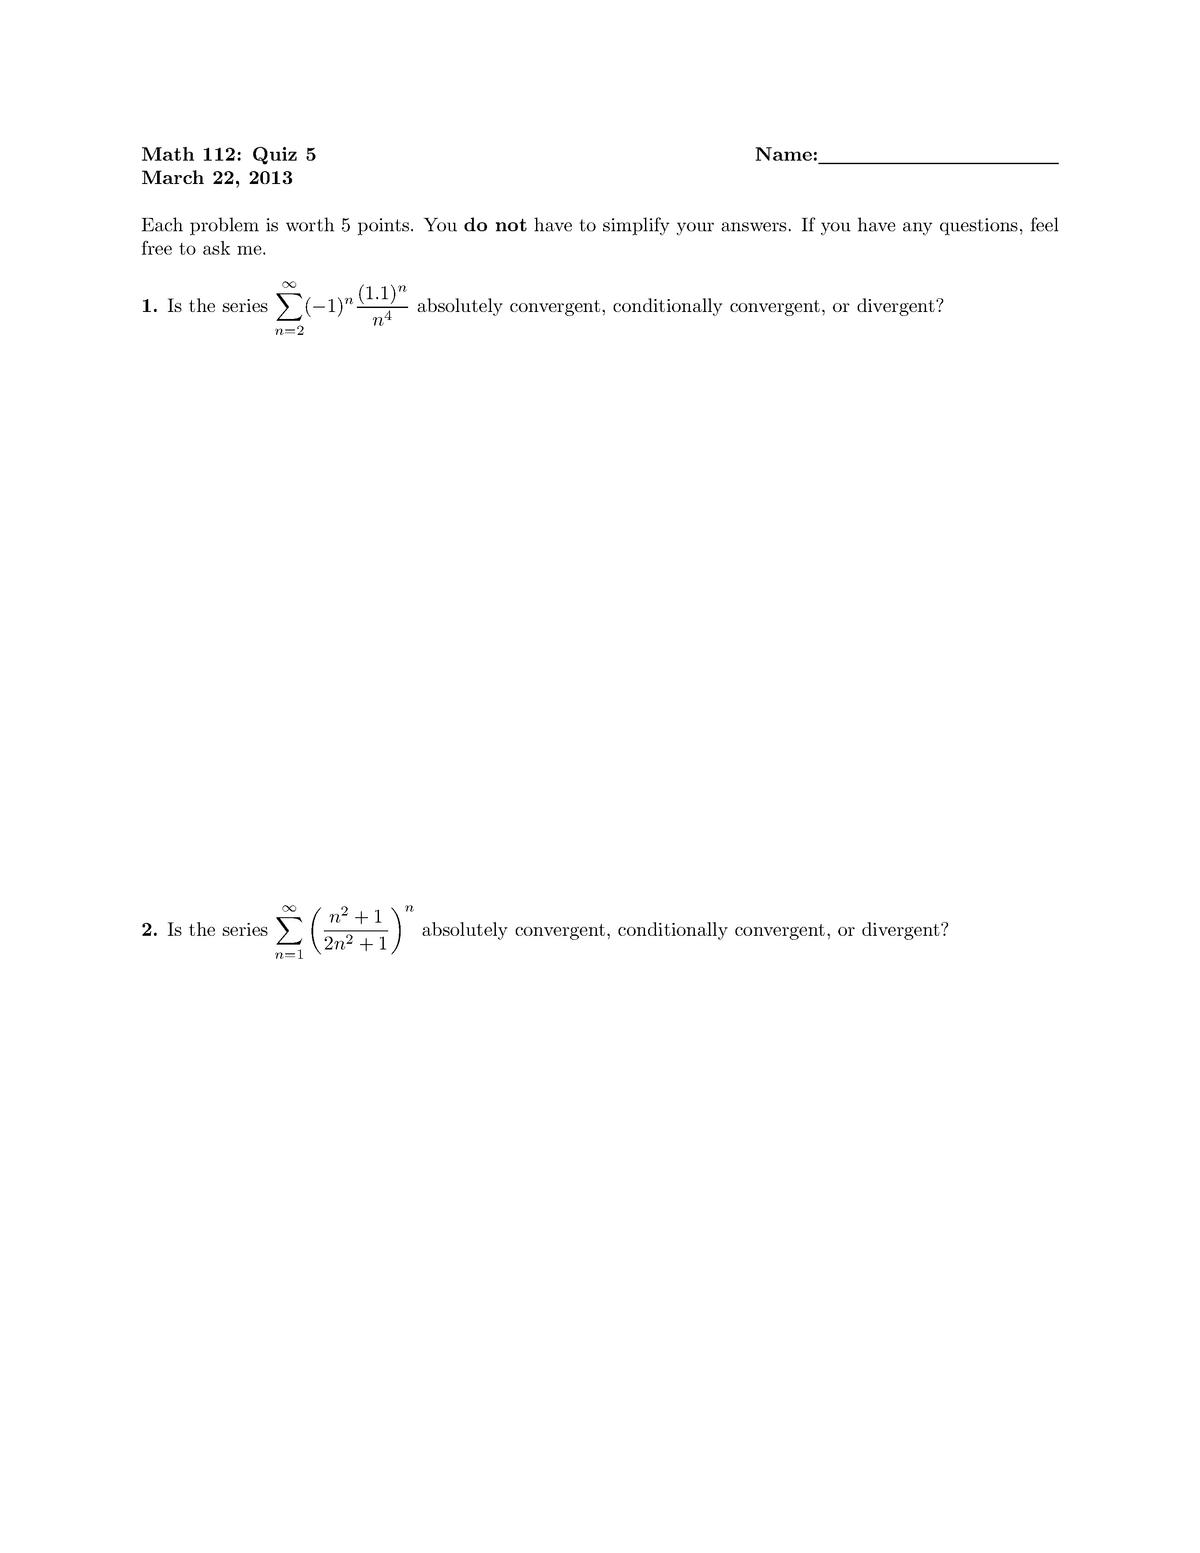 Quiz 5 - MATH 112: Symmetric Functions And Algebraic